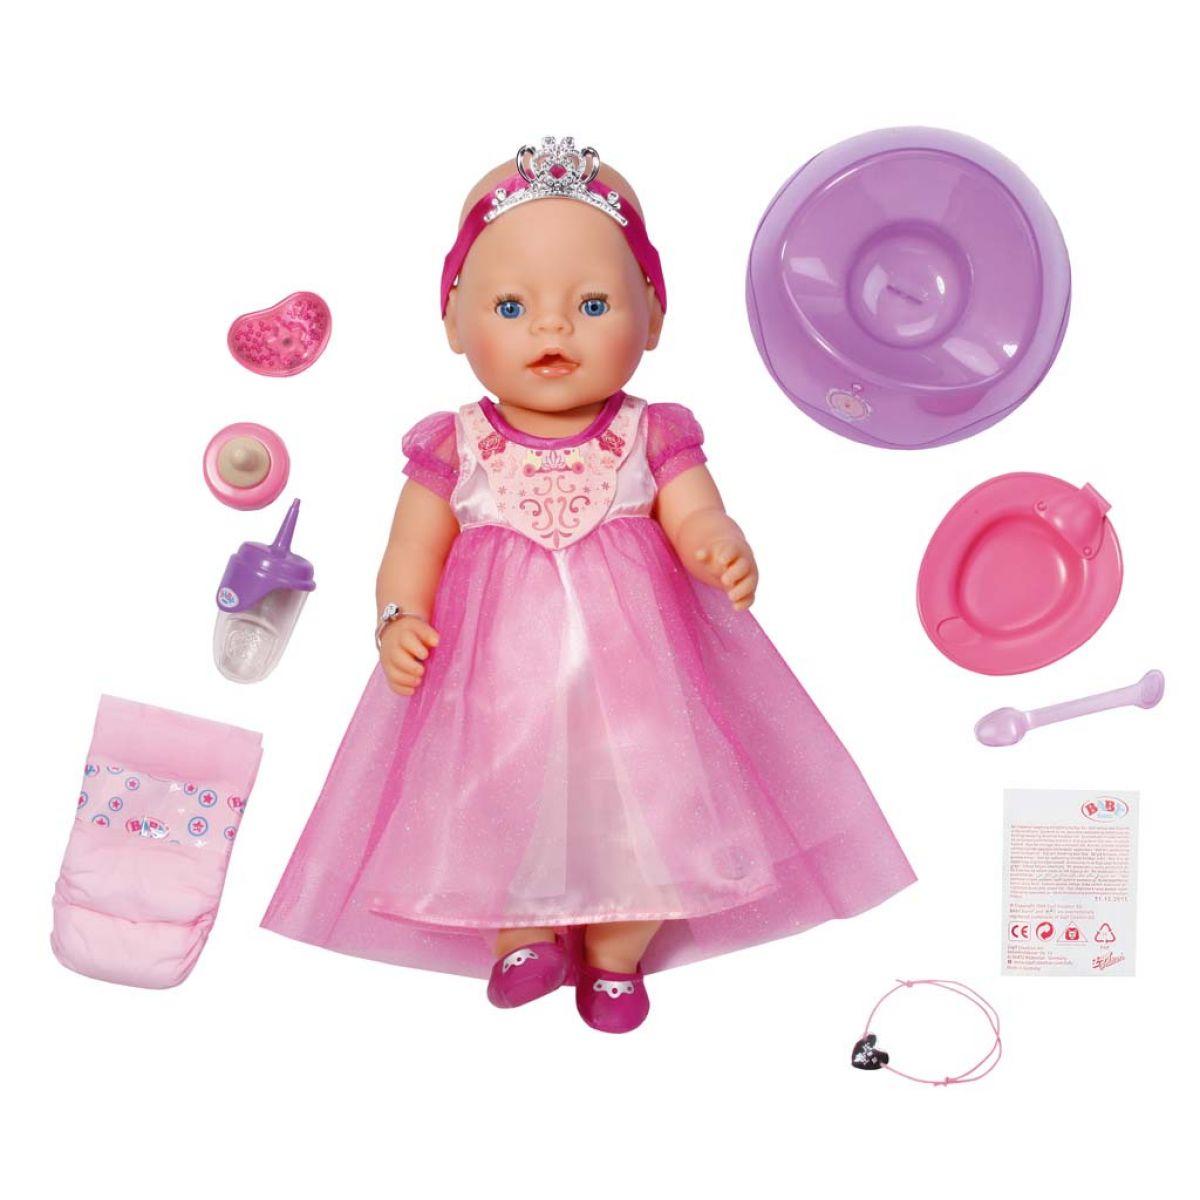 BABY born®  819180 - Interaktivní BABY born® Princezna, 43 cm